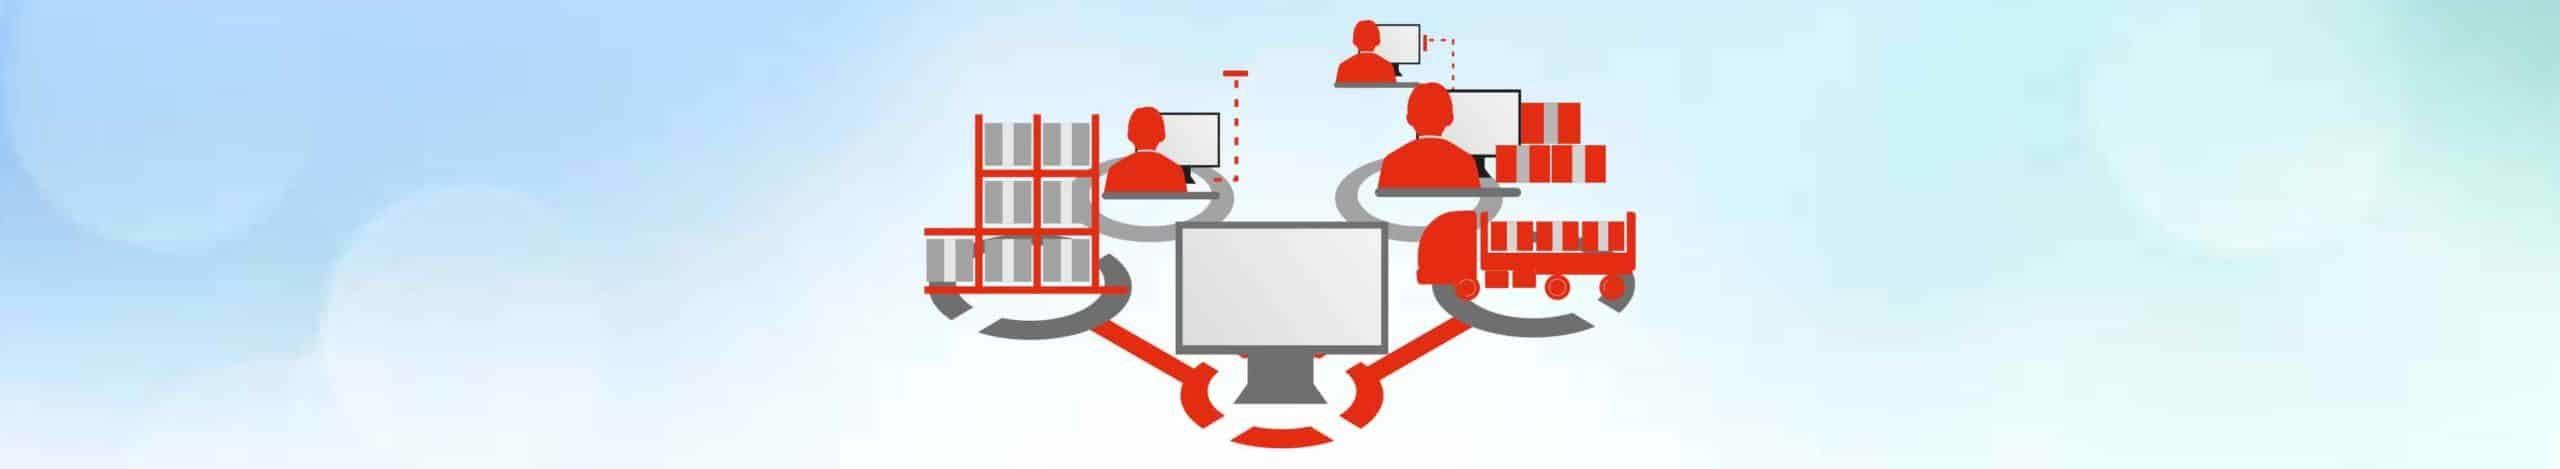 Über Control Tower können Supply Chain Manager die Lieferkette ganzheitlich managen